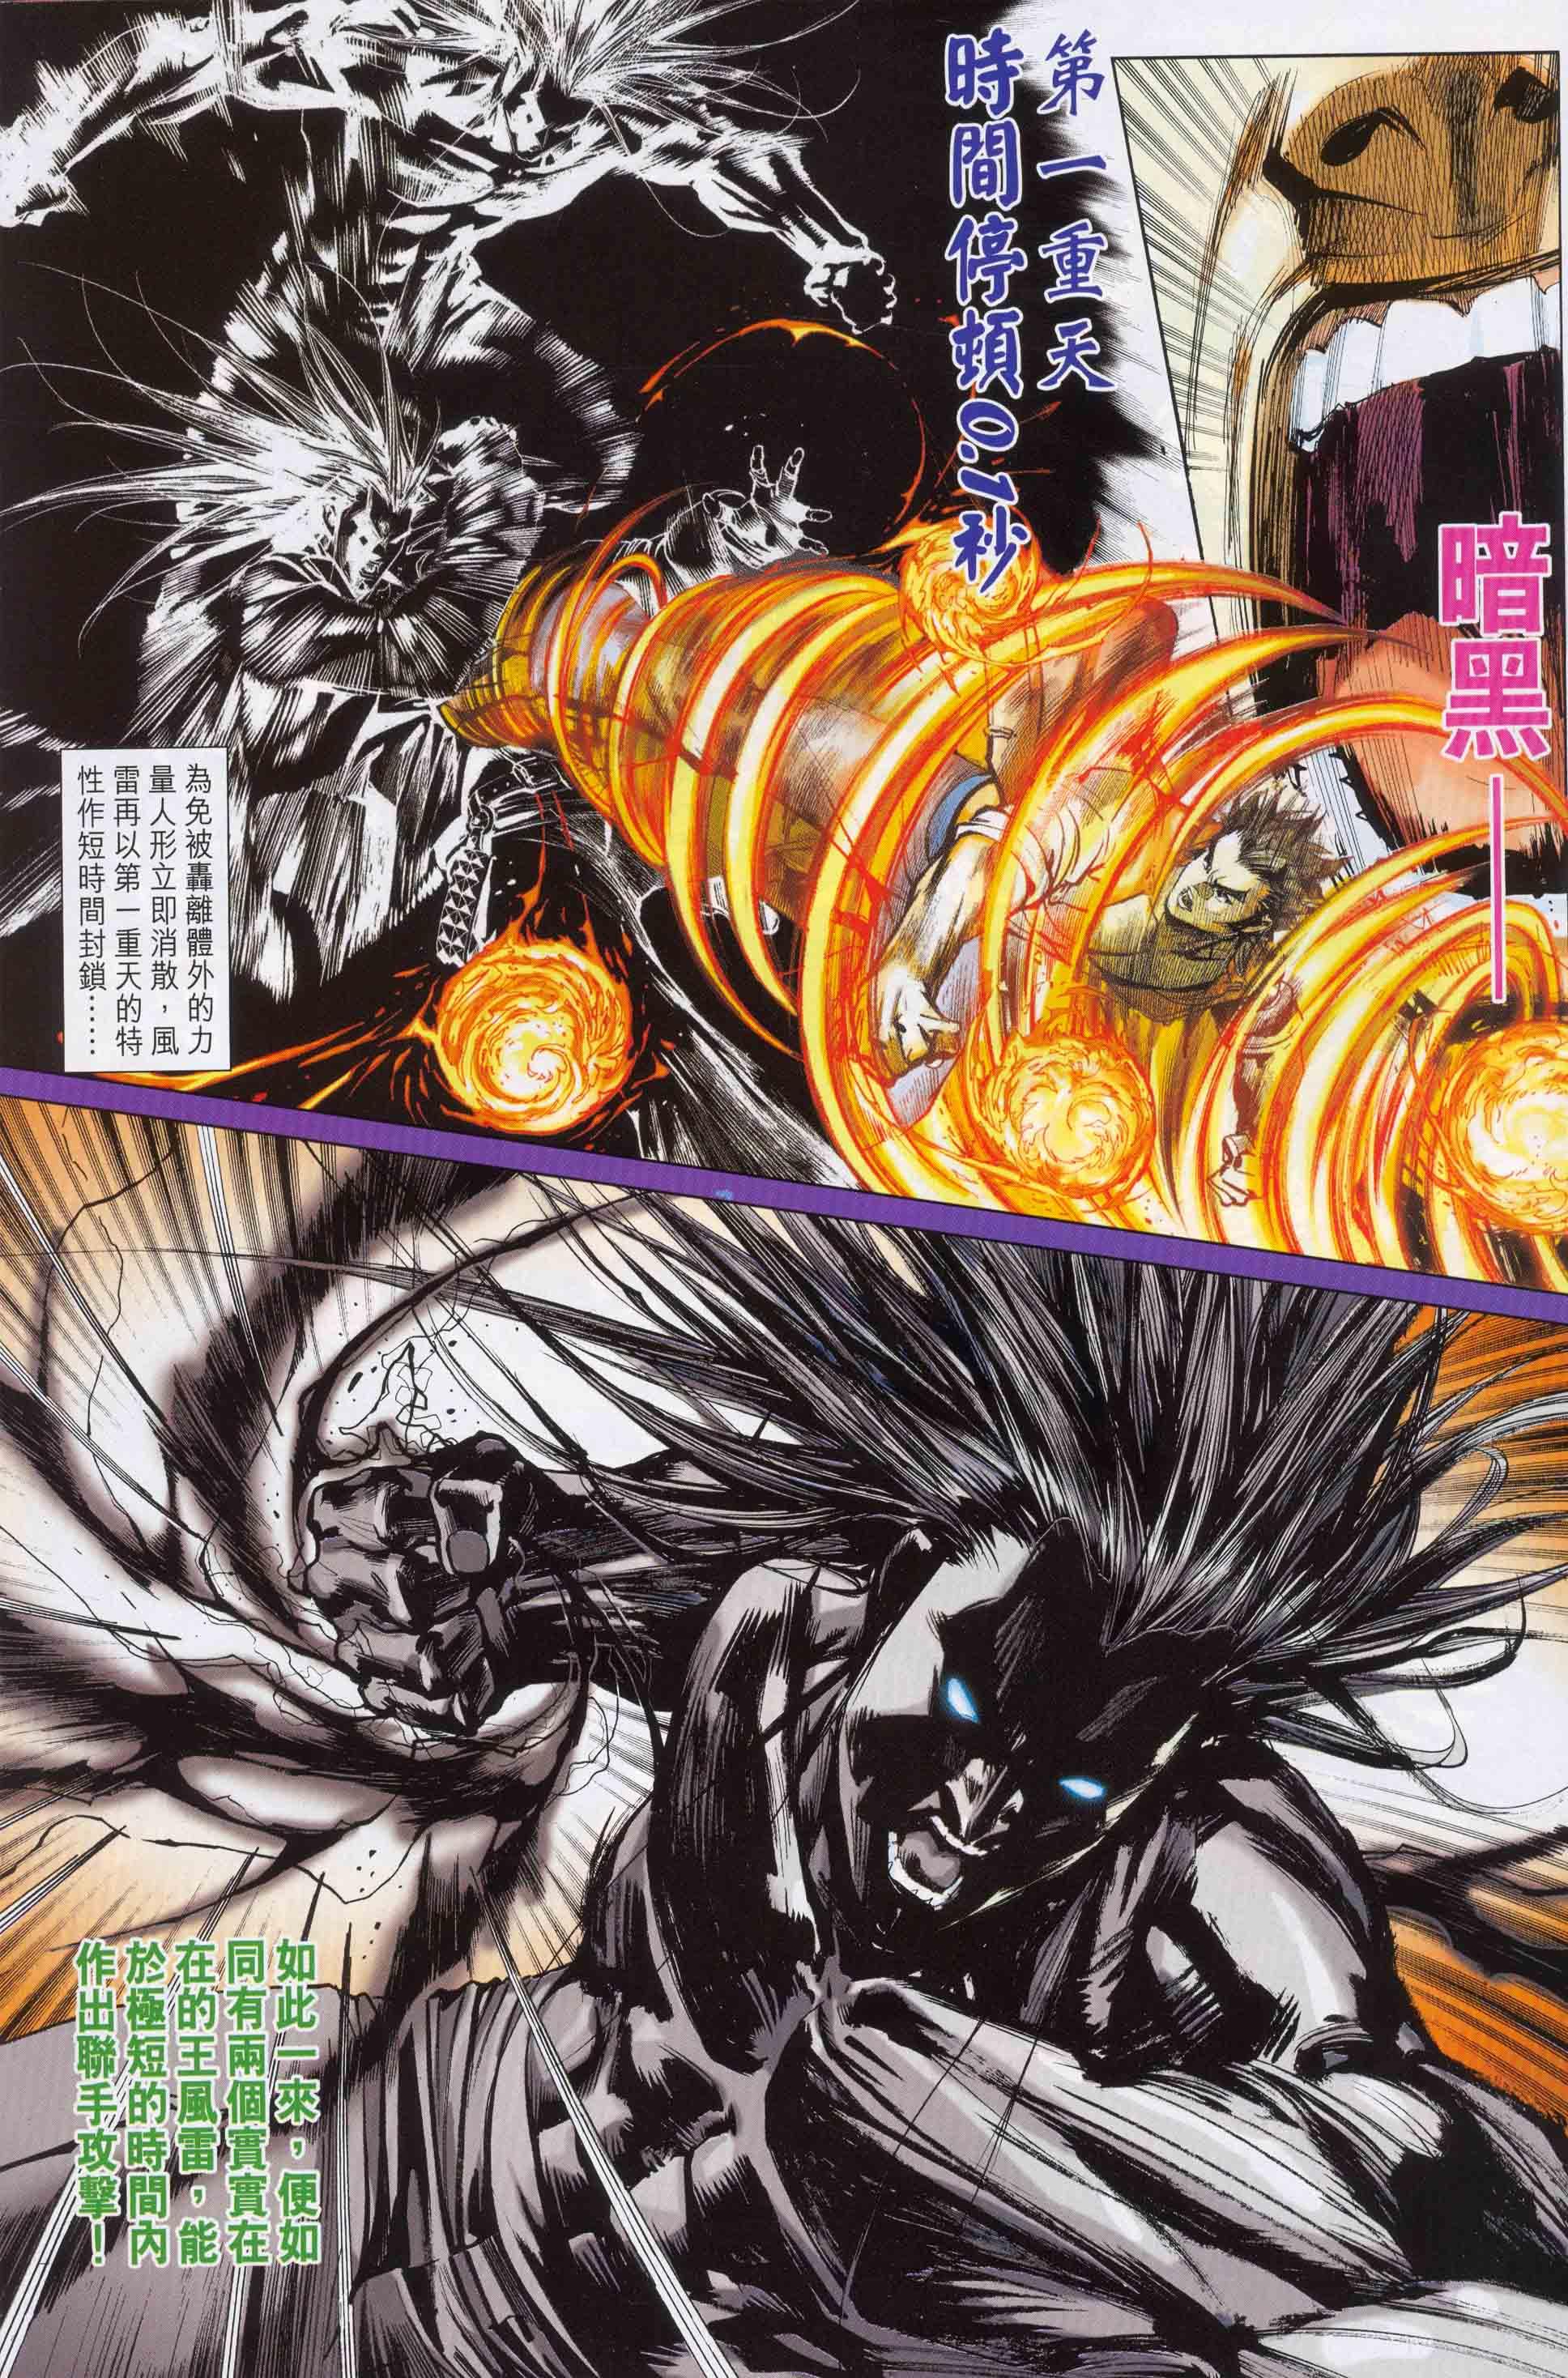 HK comic pg 2